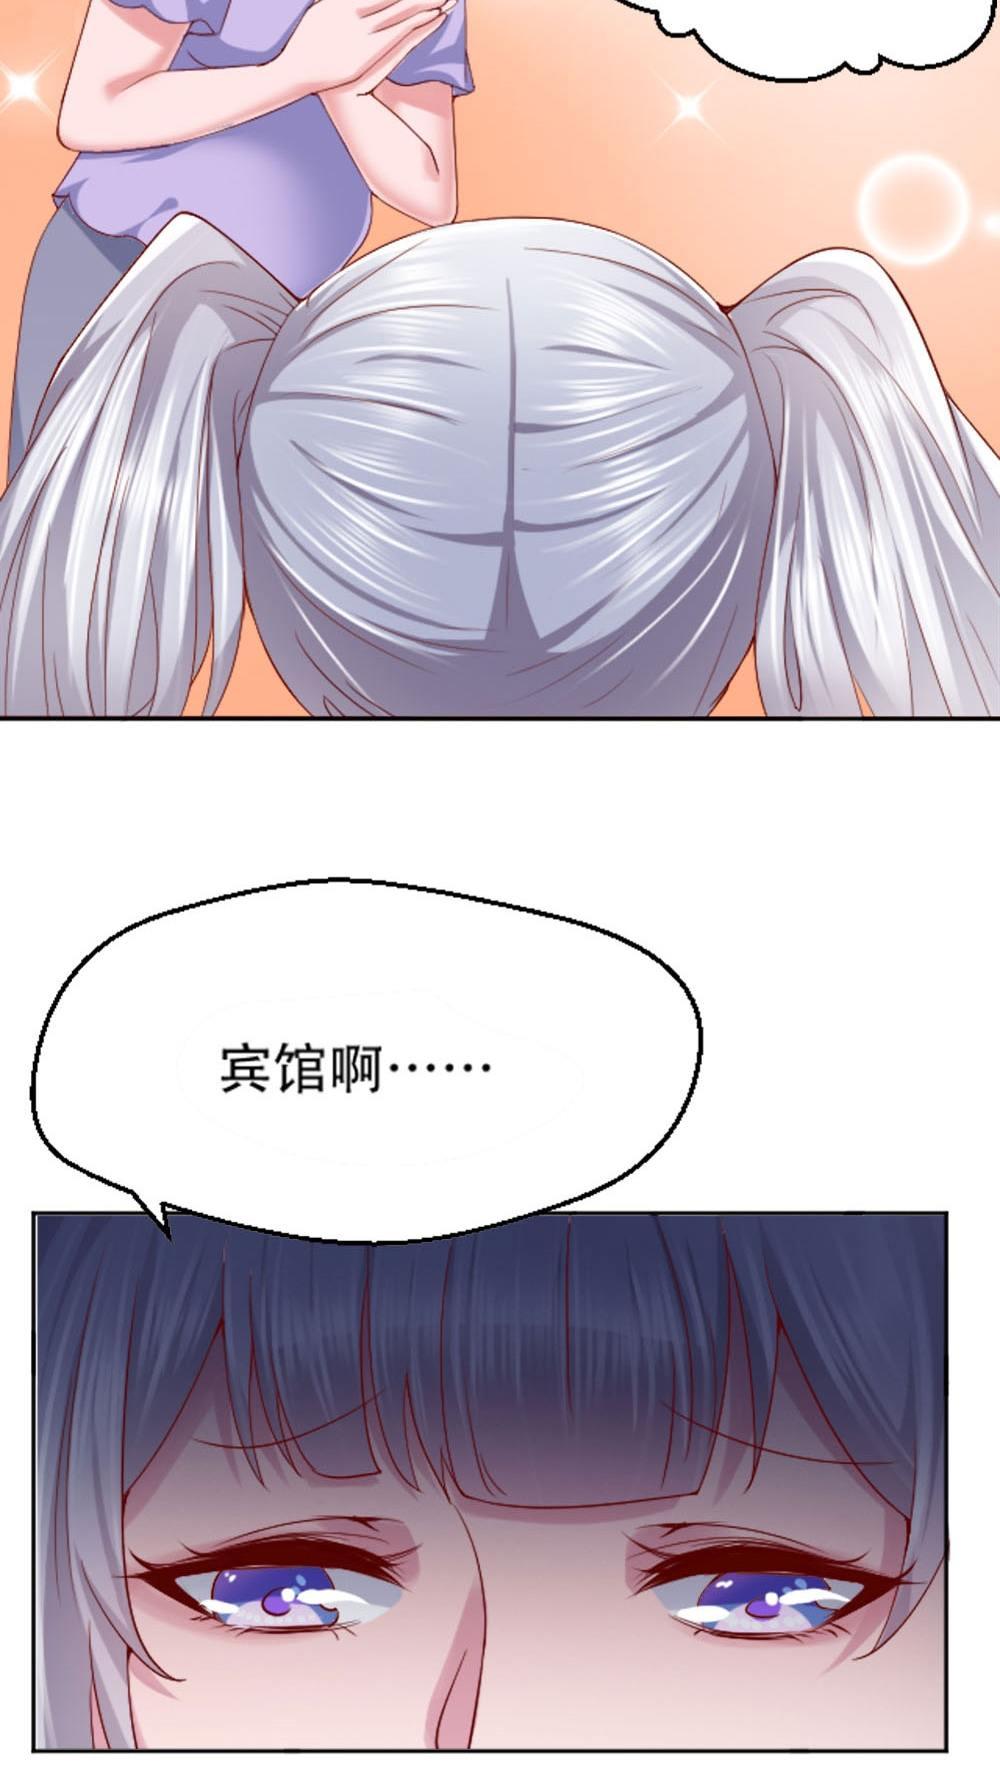 【小漫画】多年之后重逢,她还是没能够逃出他的掌心....